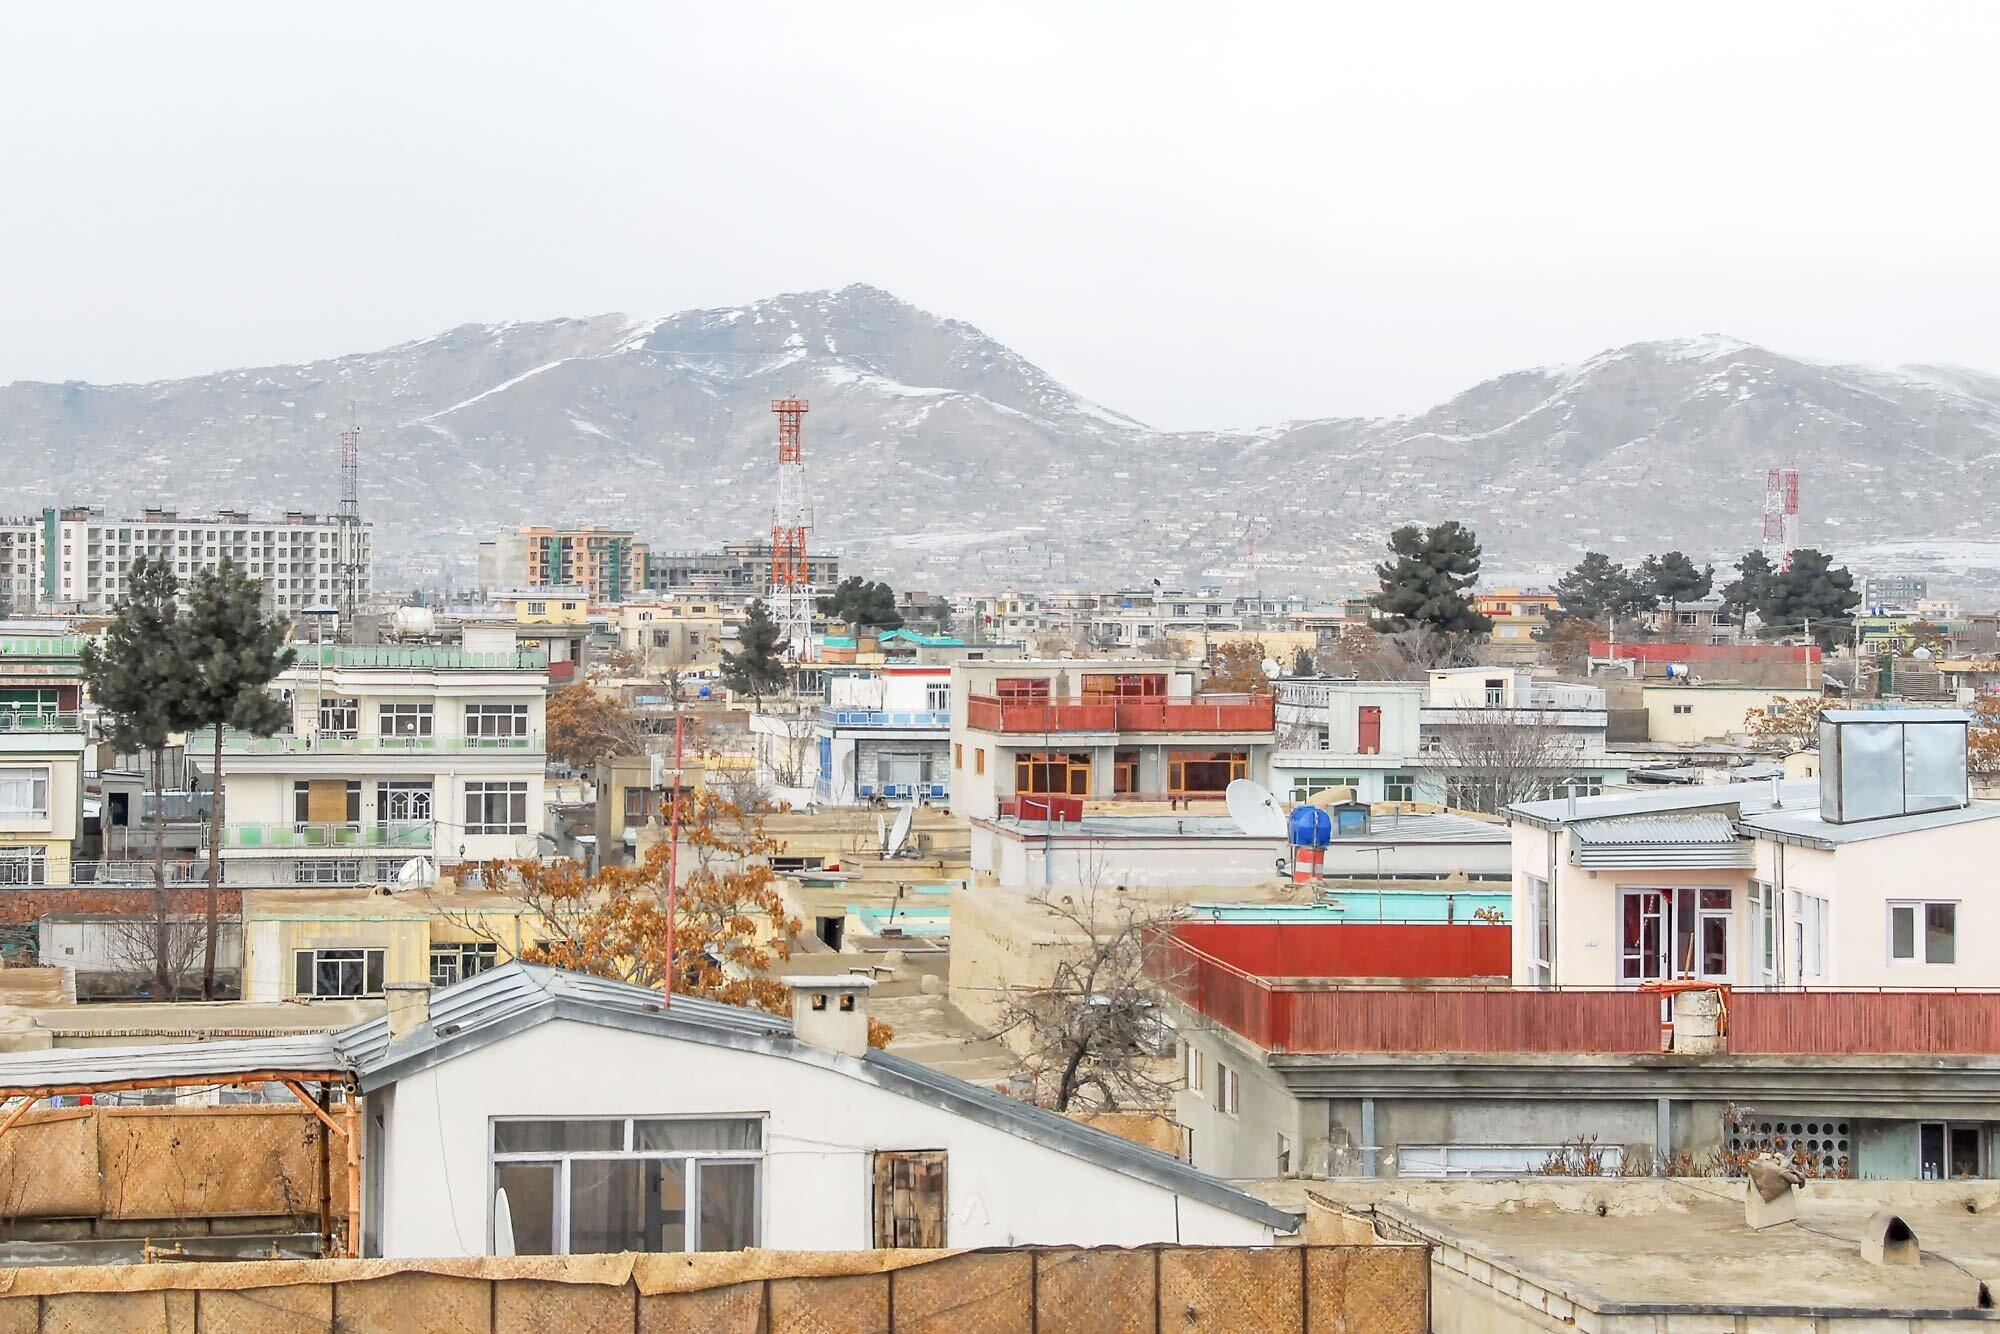 2_afgan_town.jpg